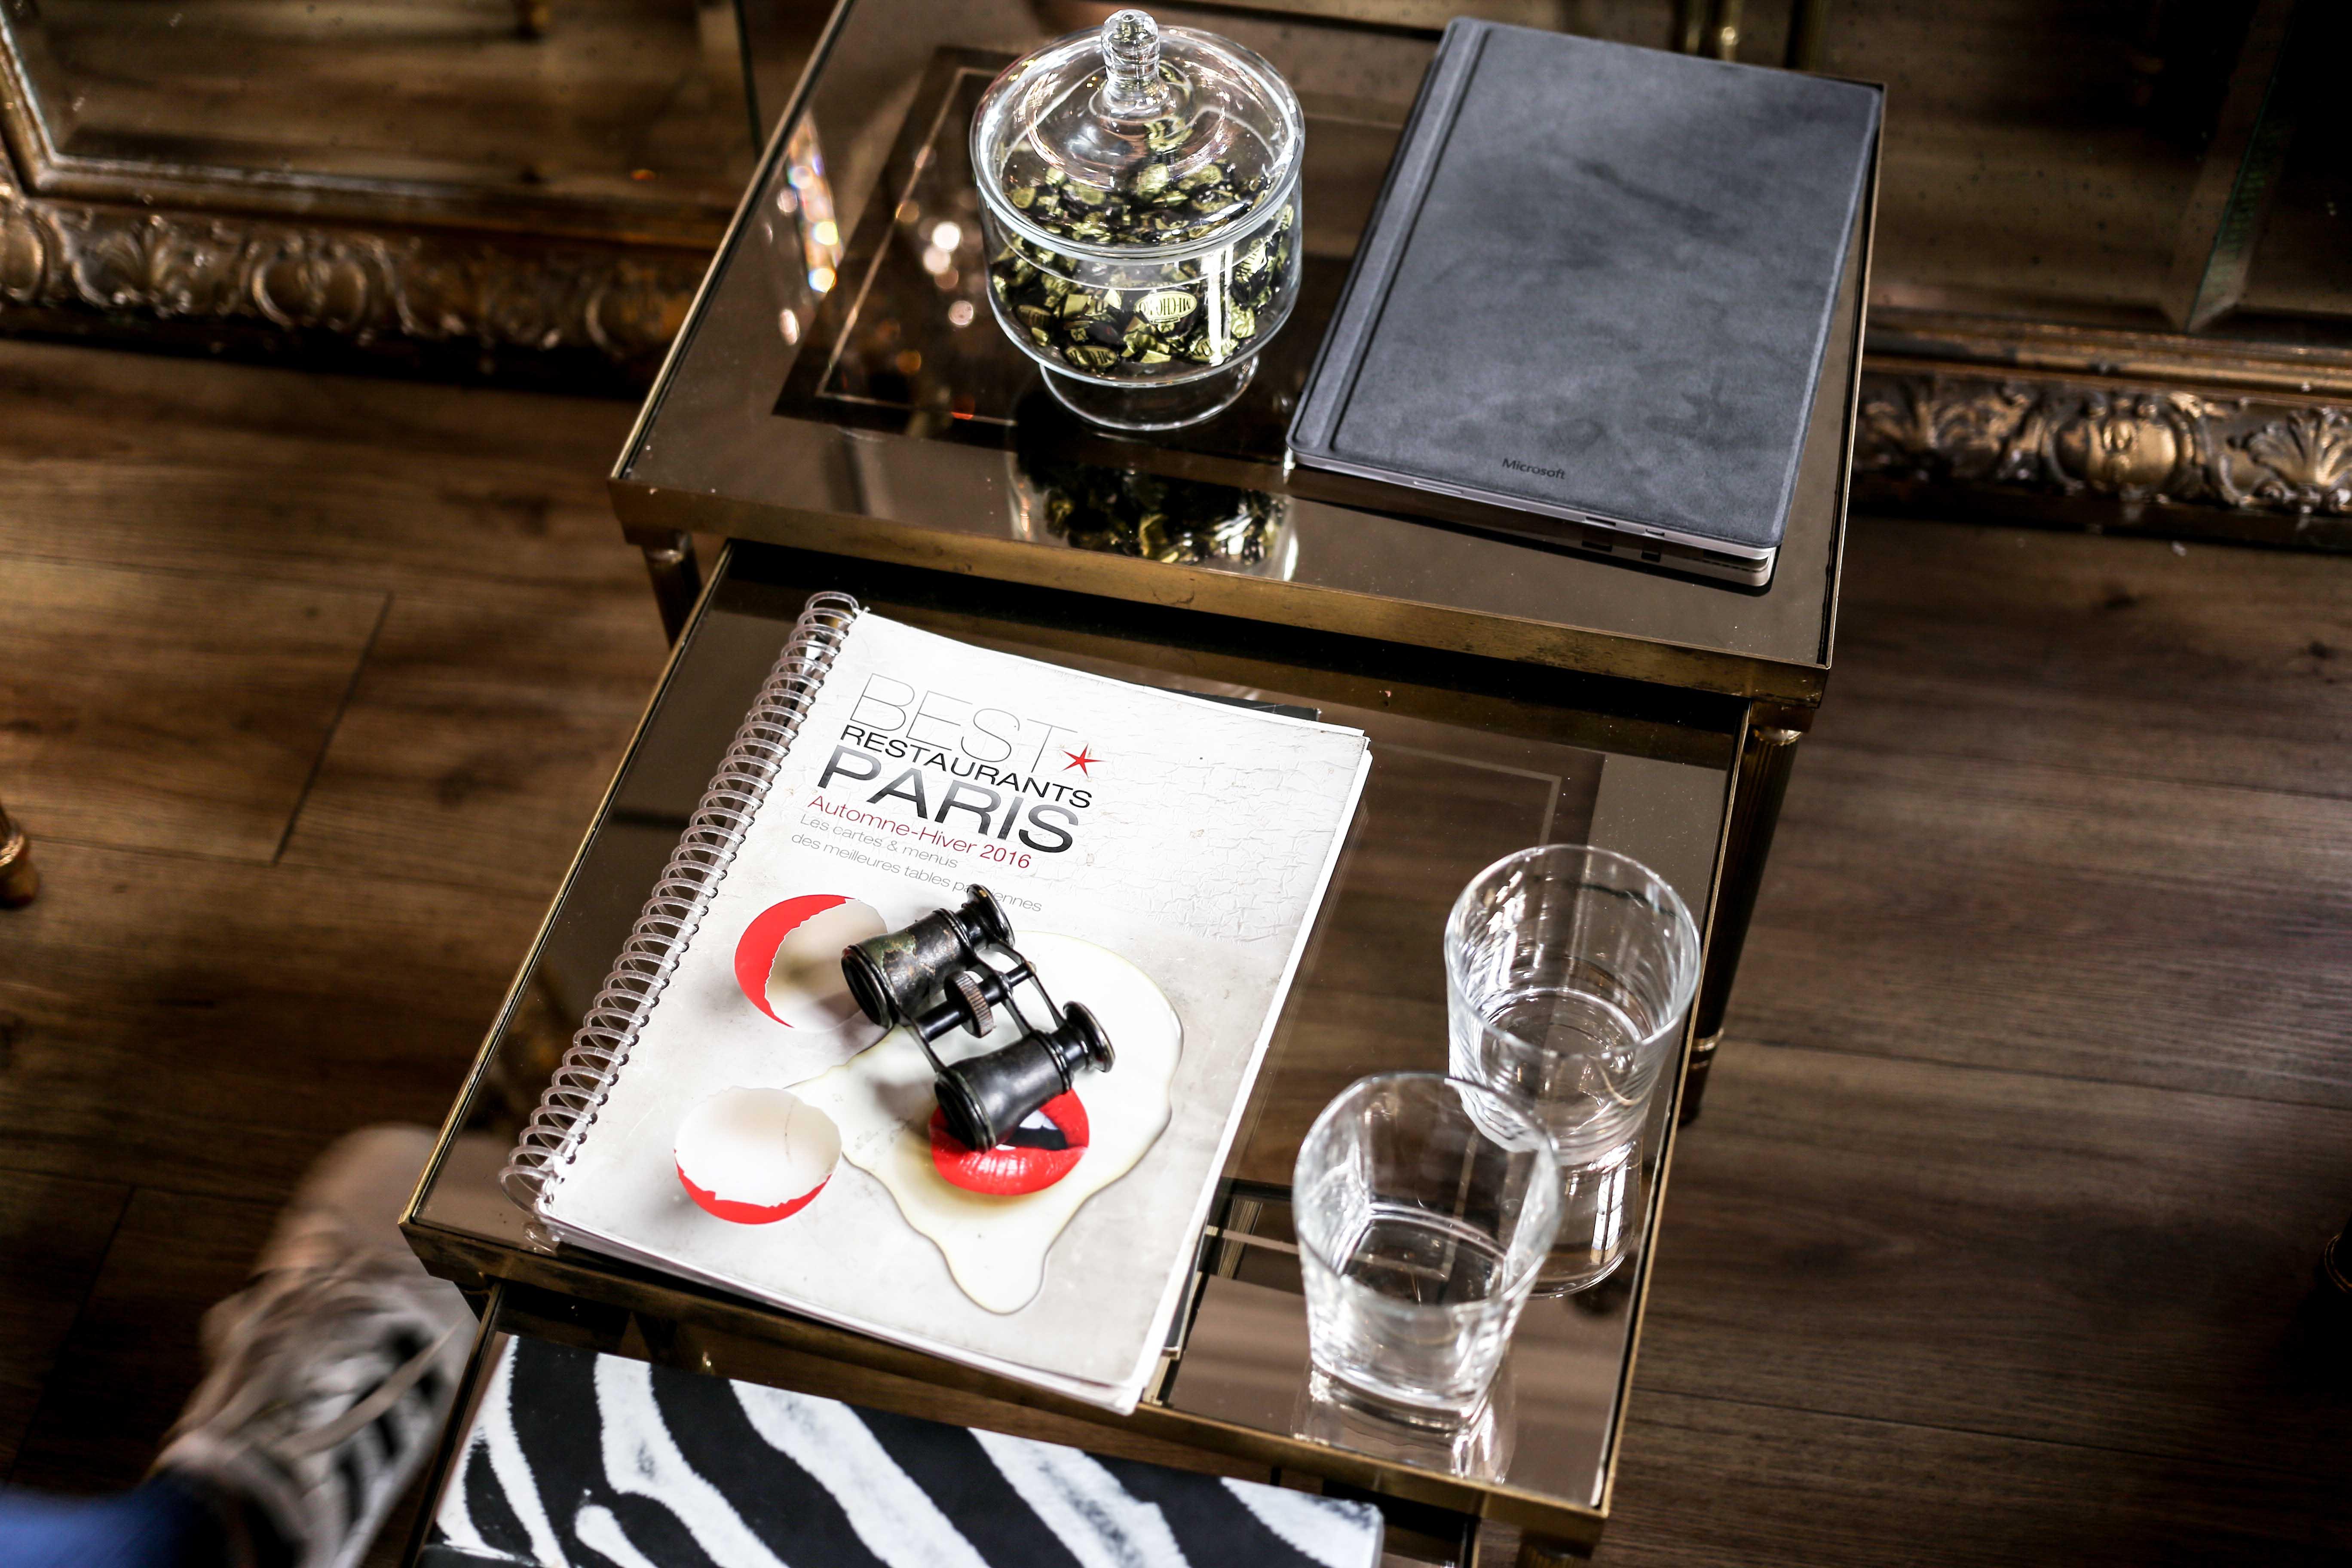 hotel-sacha-happy-culture-montmartre-paris-3-sterne-empfehlung-review-reiseblog-travelblog-blogger_2523